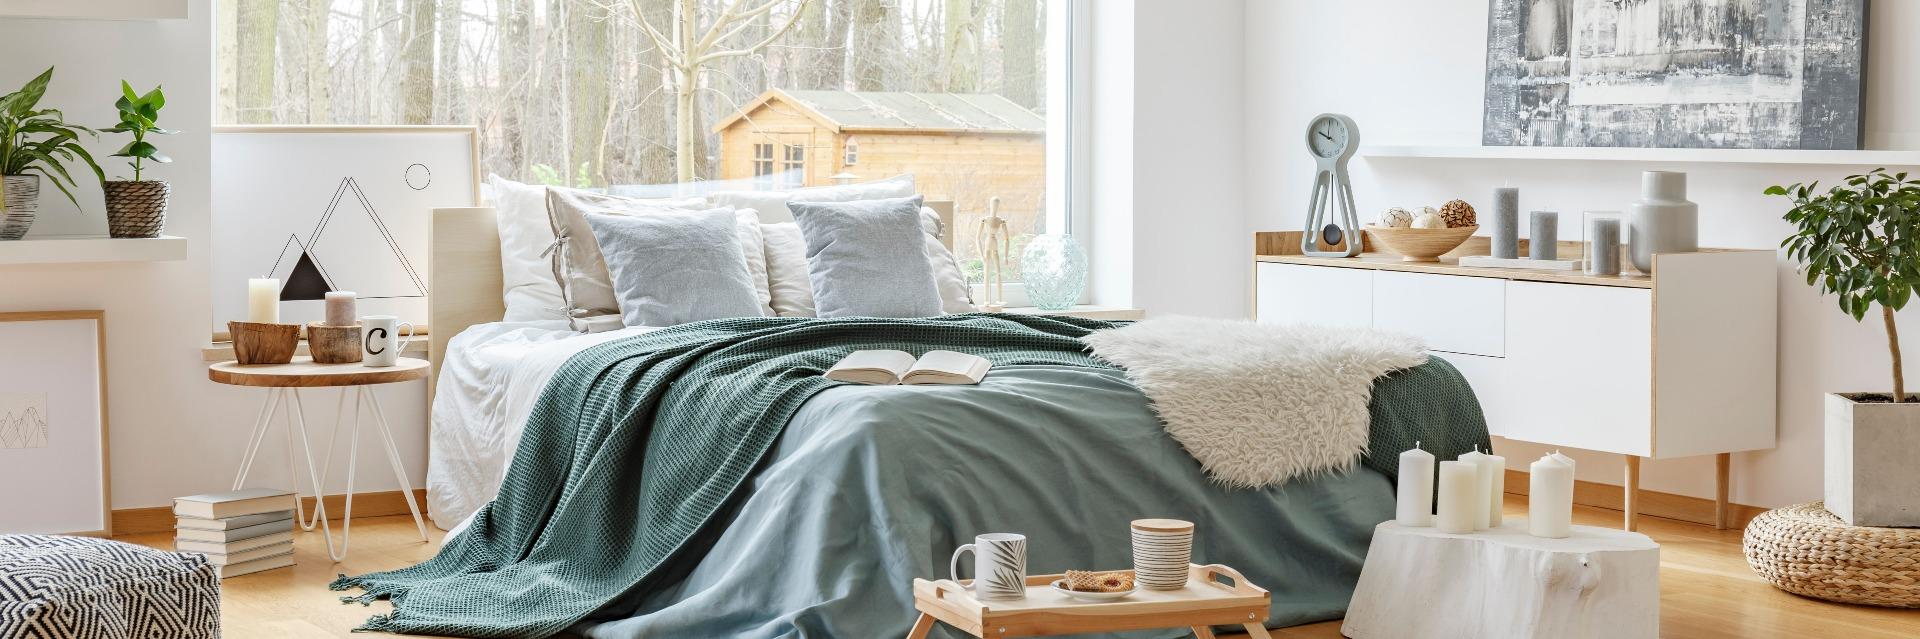 Das Bild zeigt skandinavische Möbel.